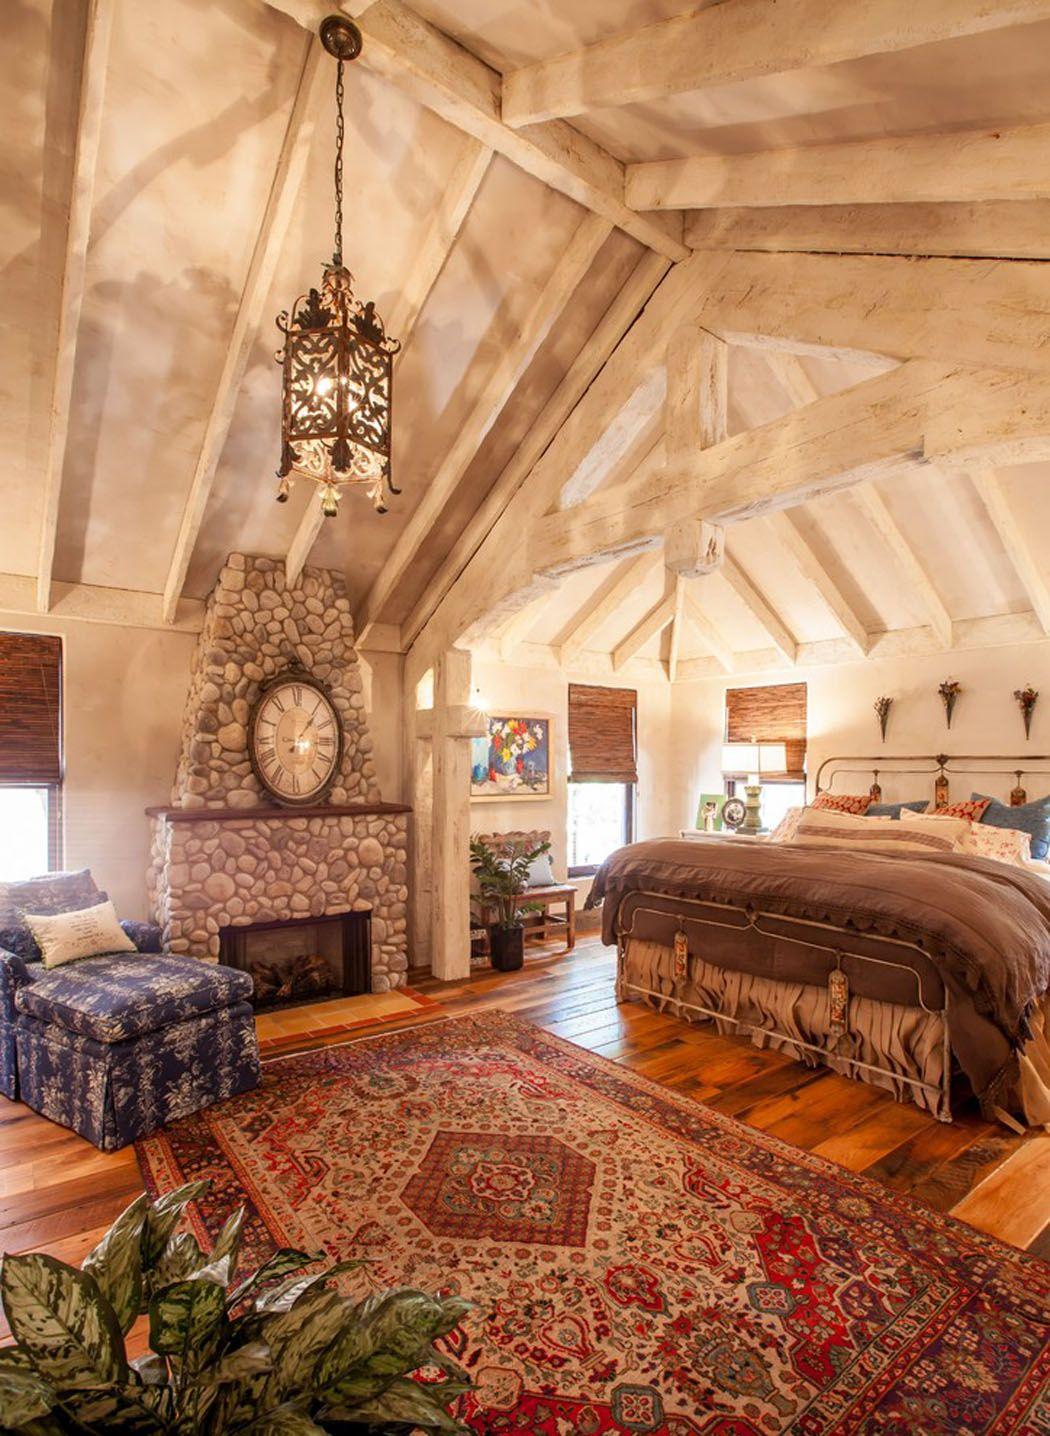 intrieur en bois et pierre pour la dcoration de cette chaleureuse chambre - Decoration Interieur Bois Et Pierre